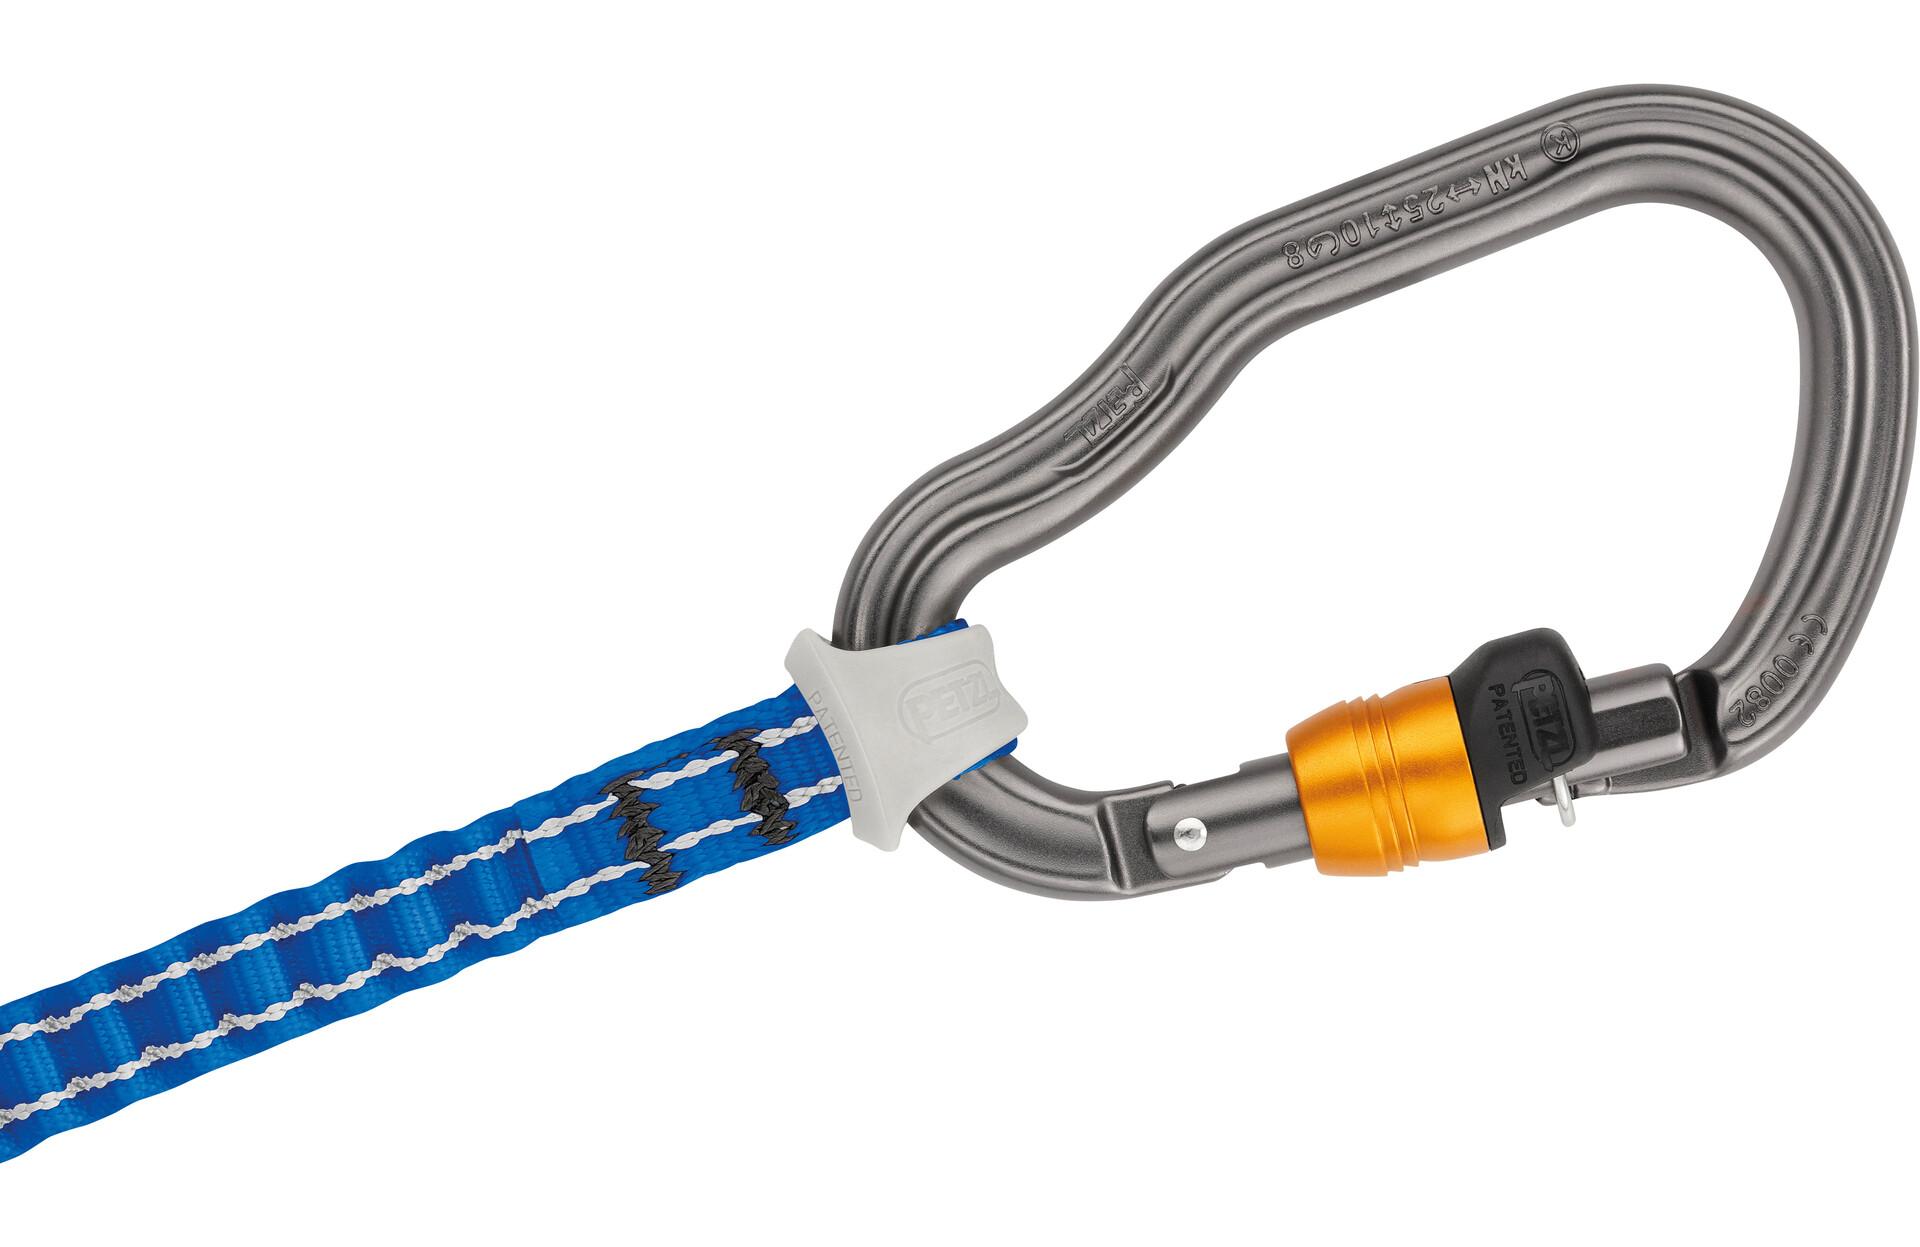 Klettersteigset Neue Norm : Petzl scorpio vertigo klettersteigset ohne swivel campz